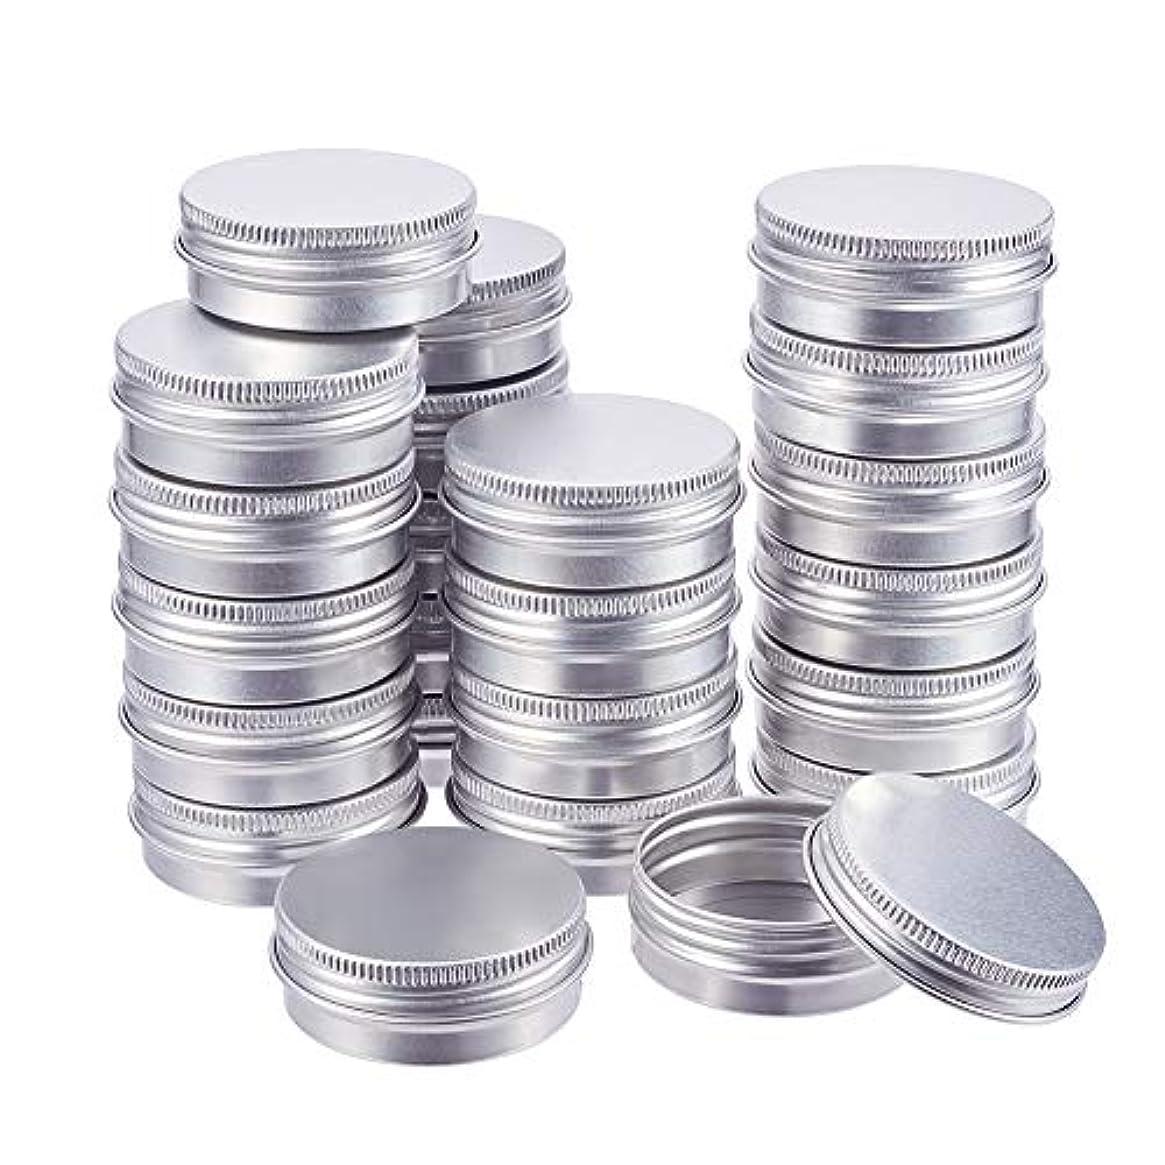 反毒傾向取得BENECREAT 30個セット30mlアルミ缶 アルミネジキャップ缶 小分け容器 詰め替え容器 クリームケース 化粧品?クリーム?小物用収納ボックス シルバー